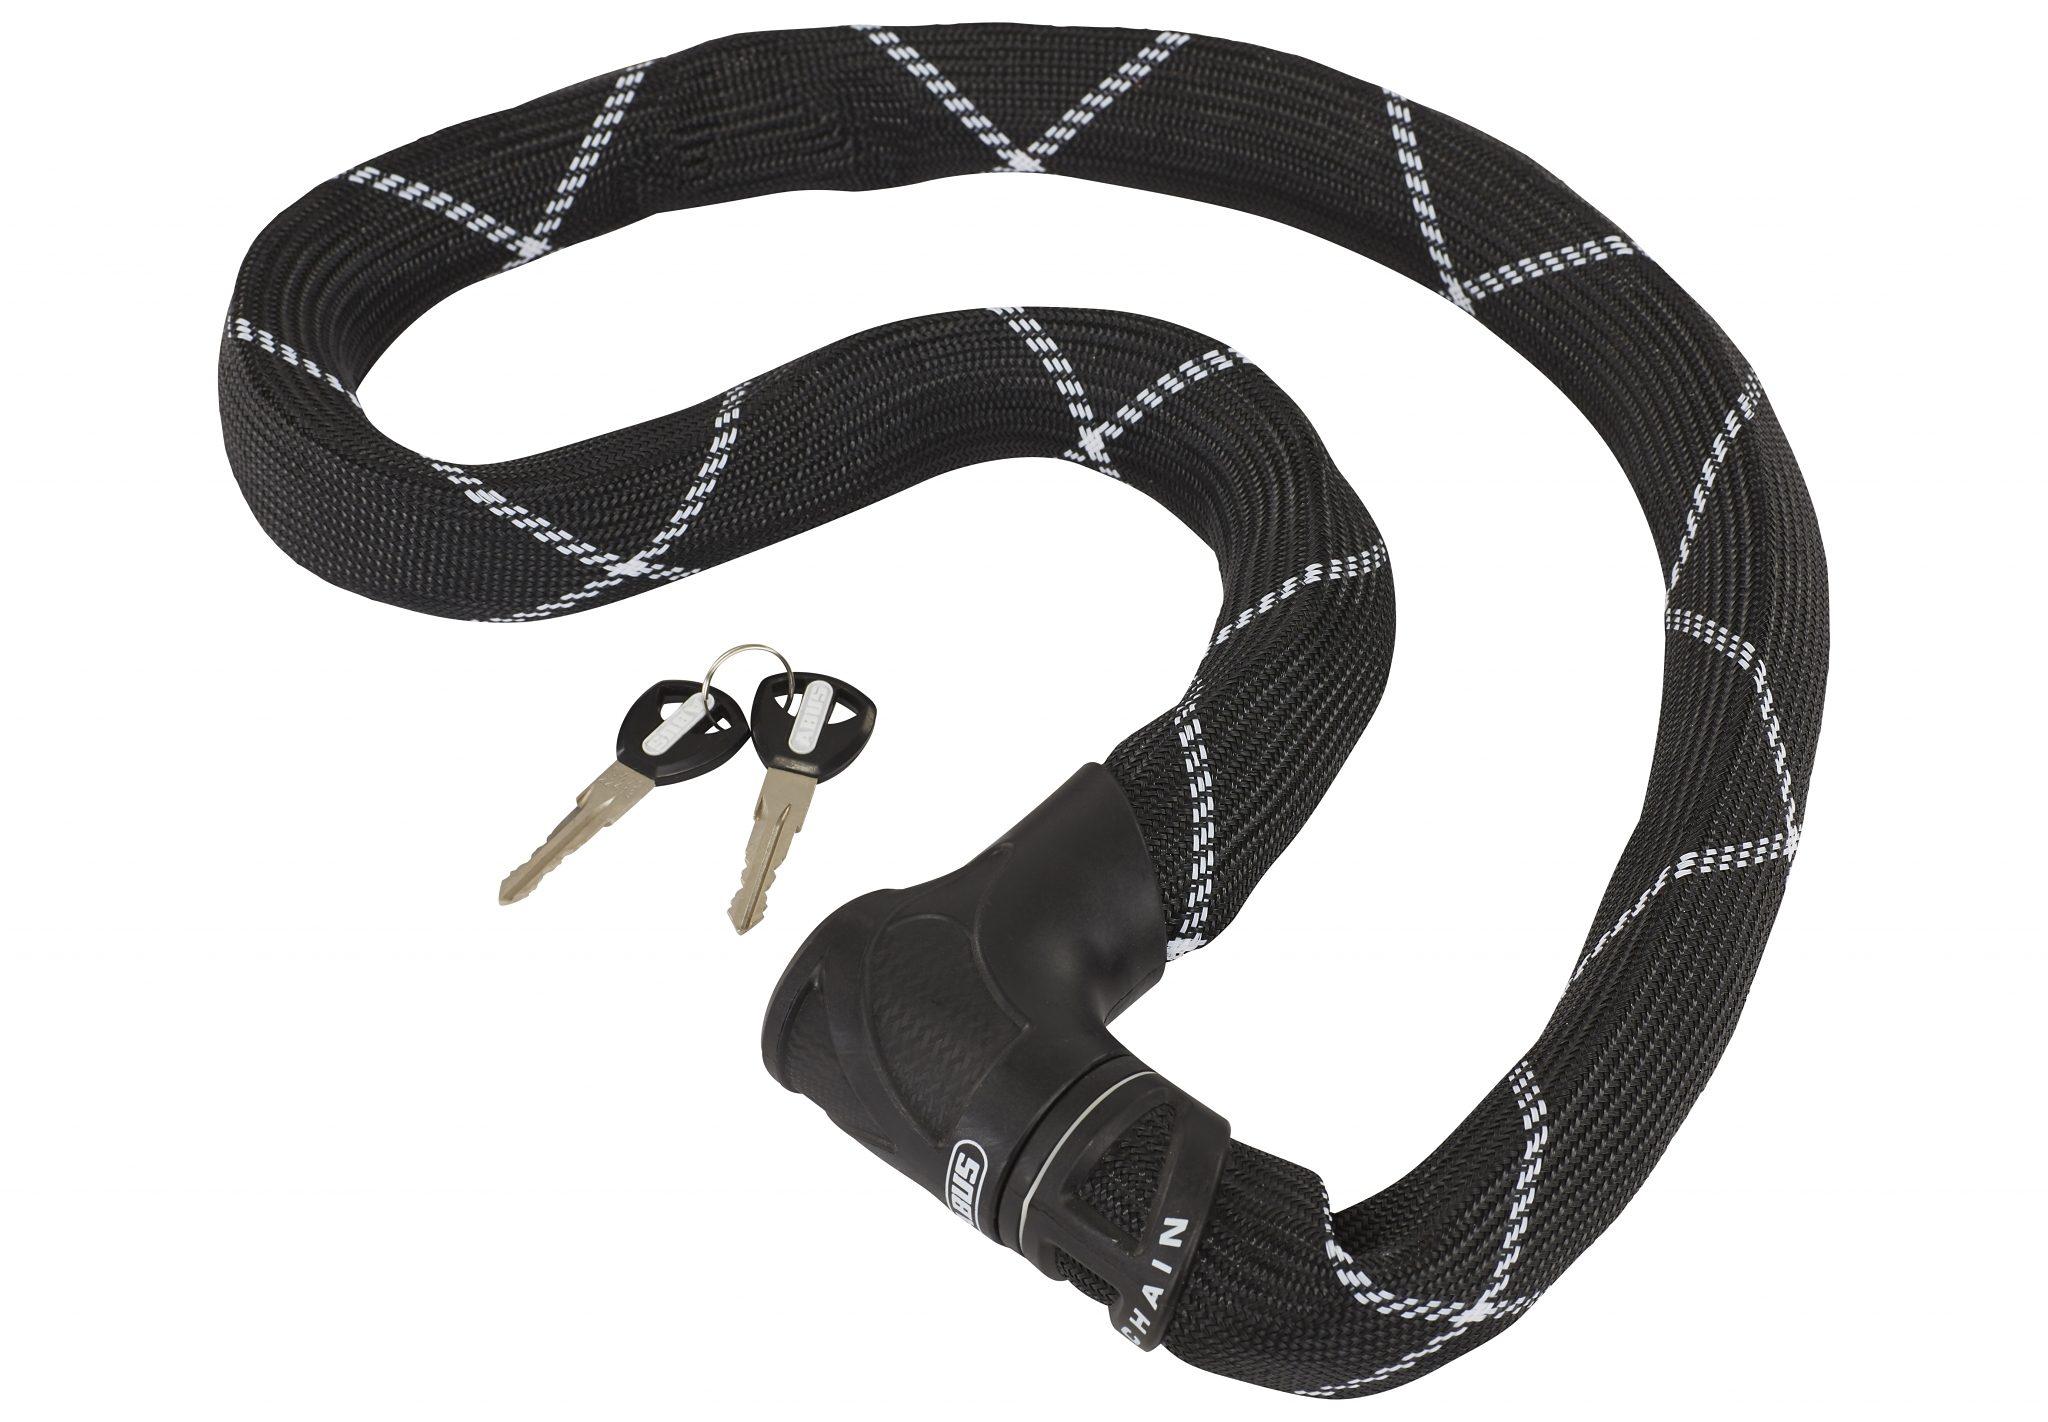 ABUS Fahrradschloss »Iven Chain 8210 Kettenschloss«